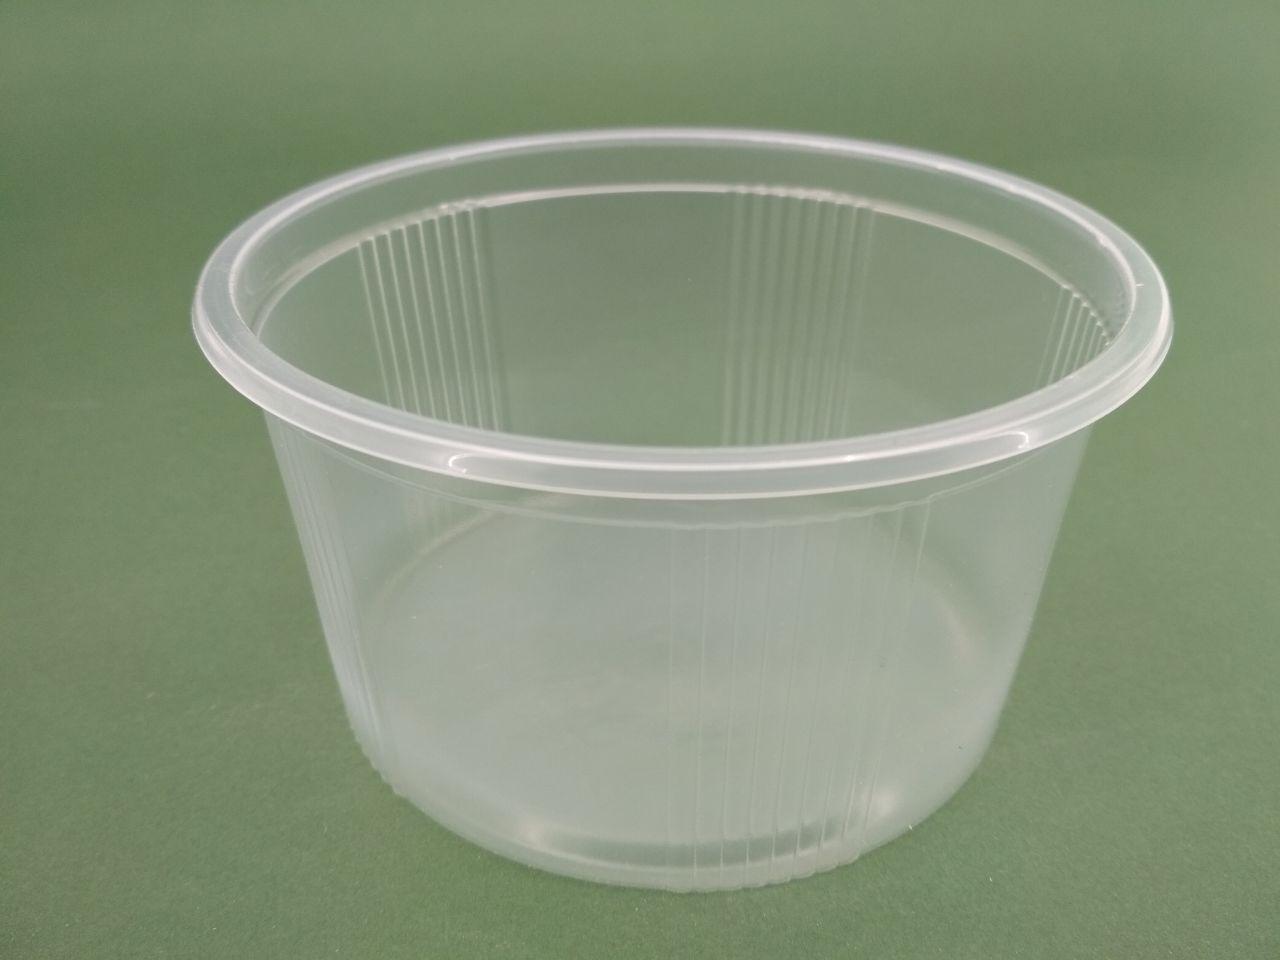 Ємність поліпропіленова кругла(для рідкого і гарячого) ЕМ-110058 -350мл (50 шт)